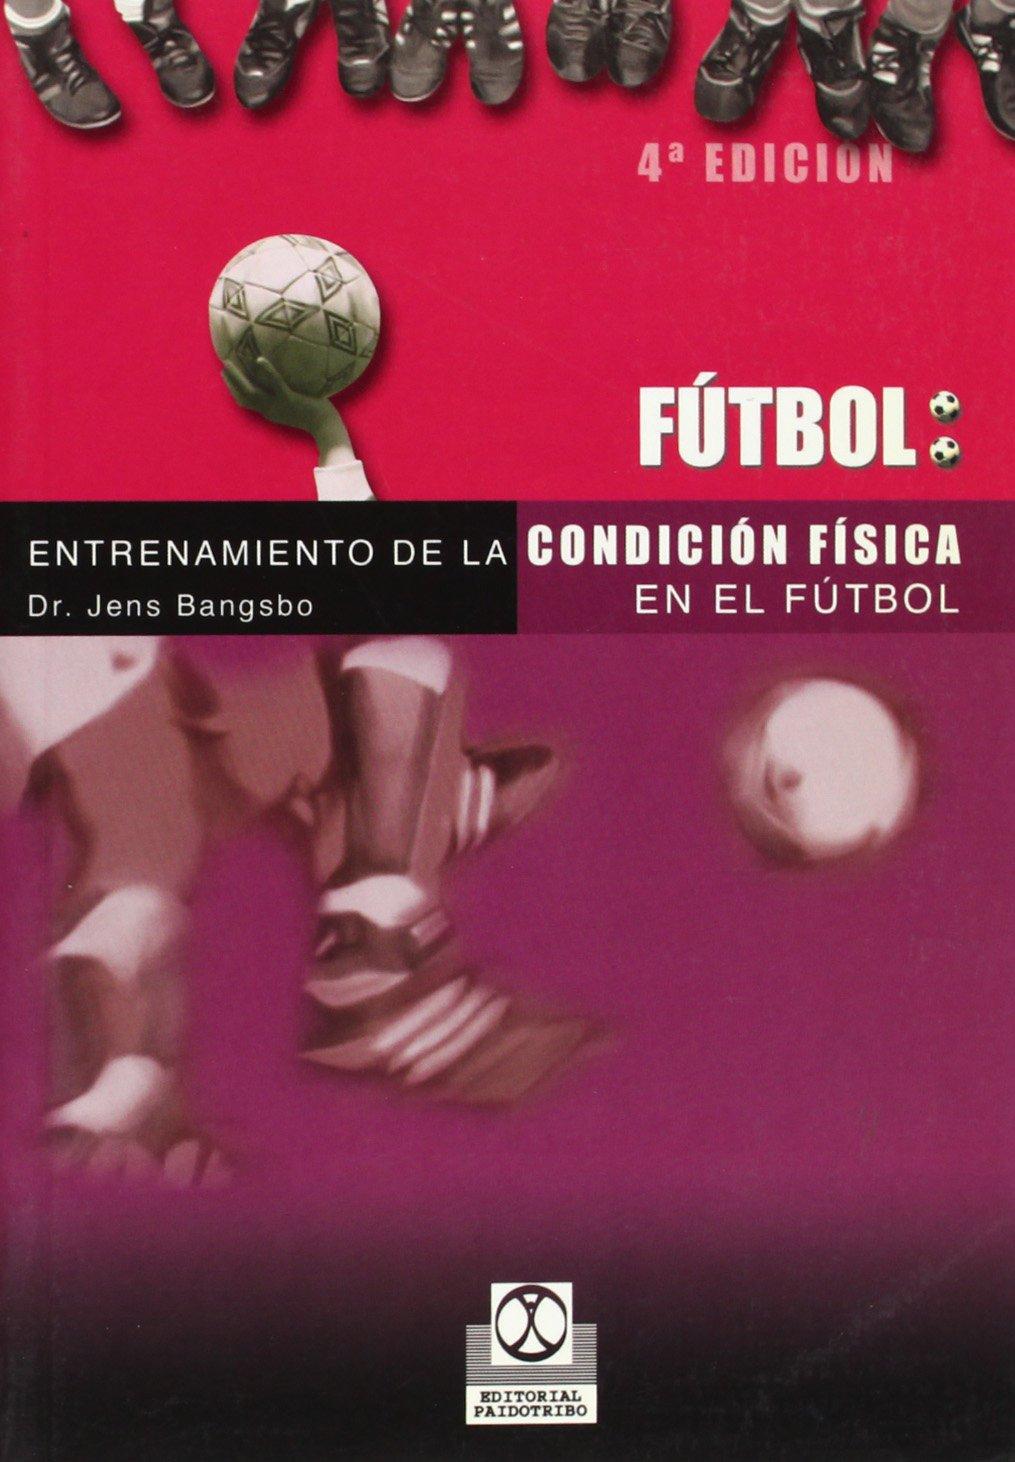 Entrenamiento de La Condicion Fisica En El Futbol (Spanish Edition) by Paidotribo Editorial